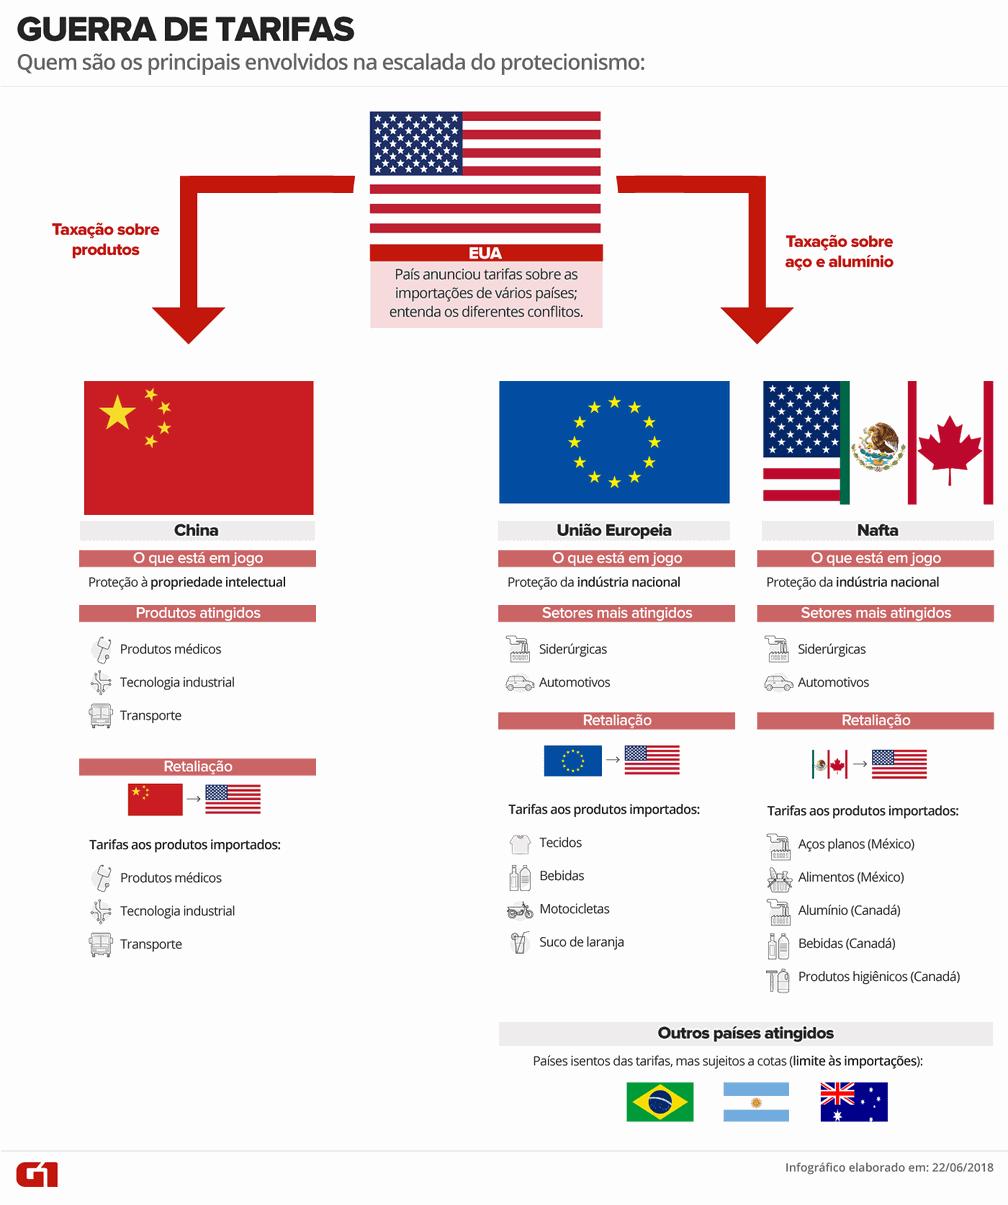 Entenda a escalada da guerra comercial no mundo. (Foto: Juliane Almeida/G1)